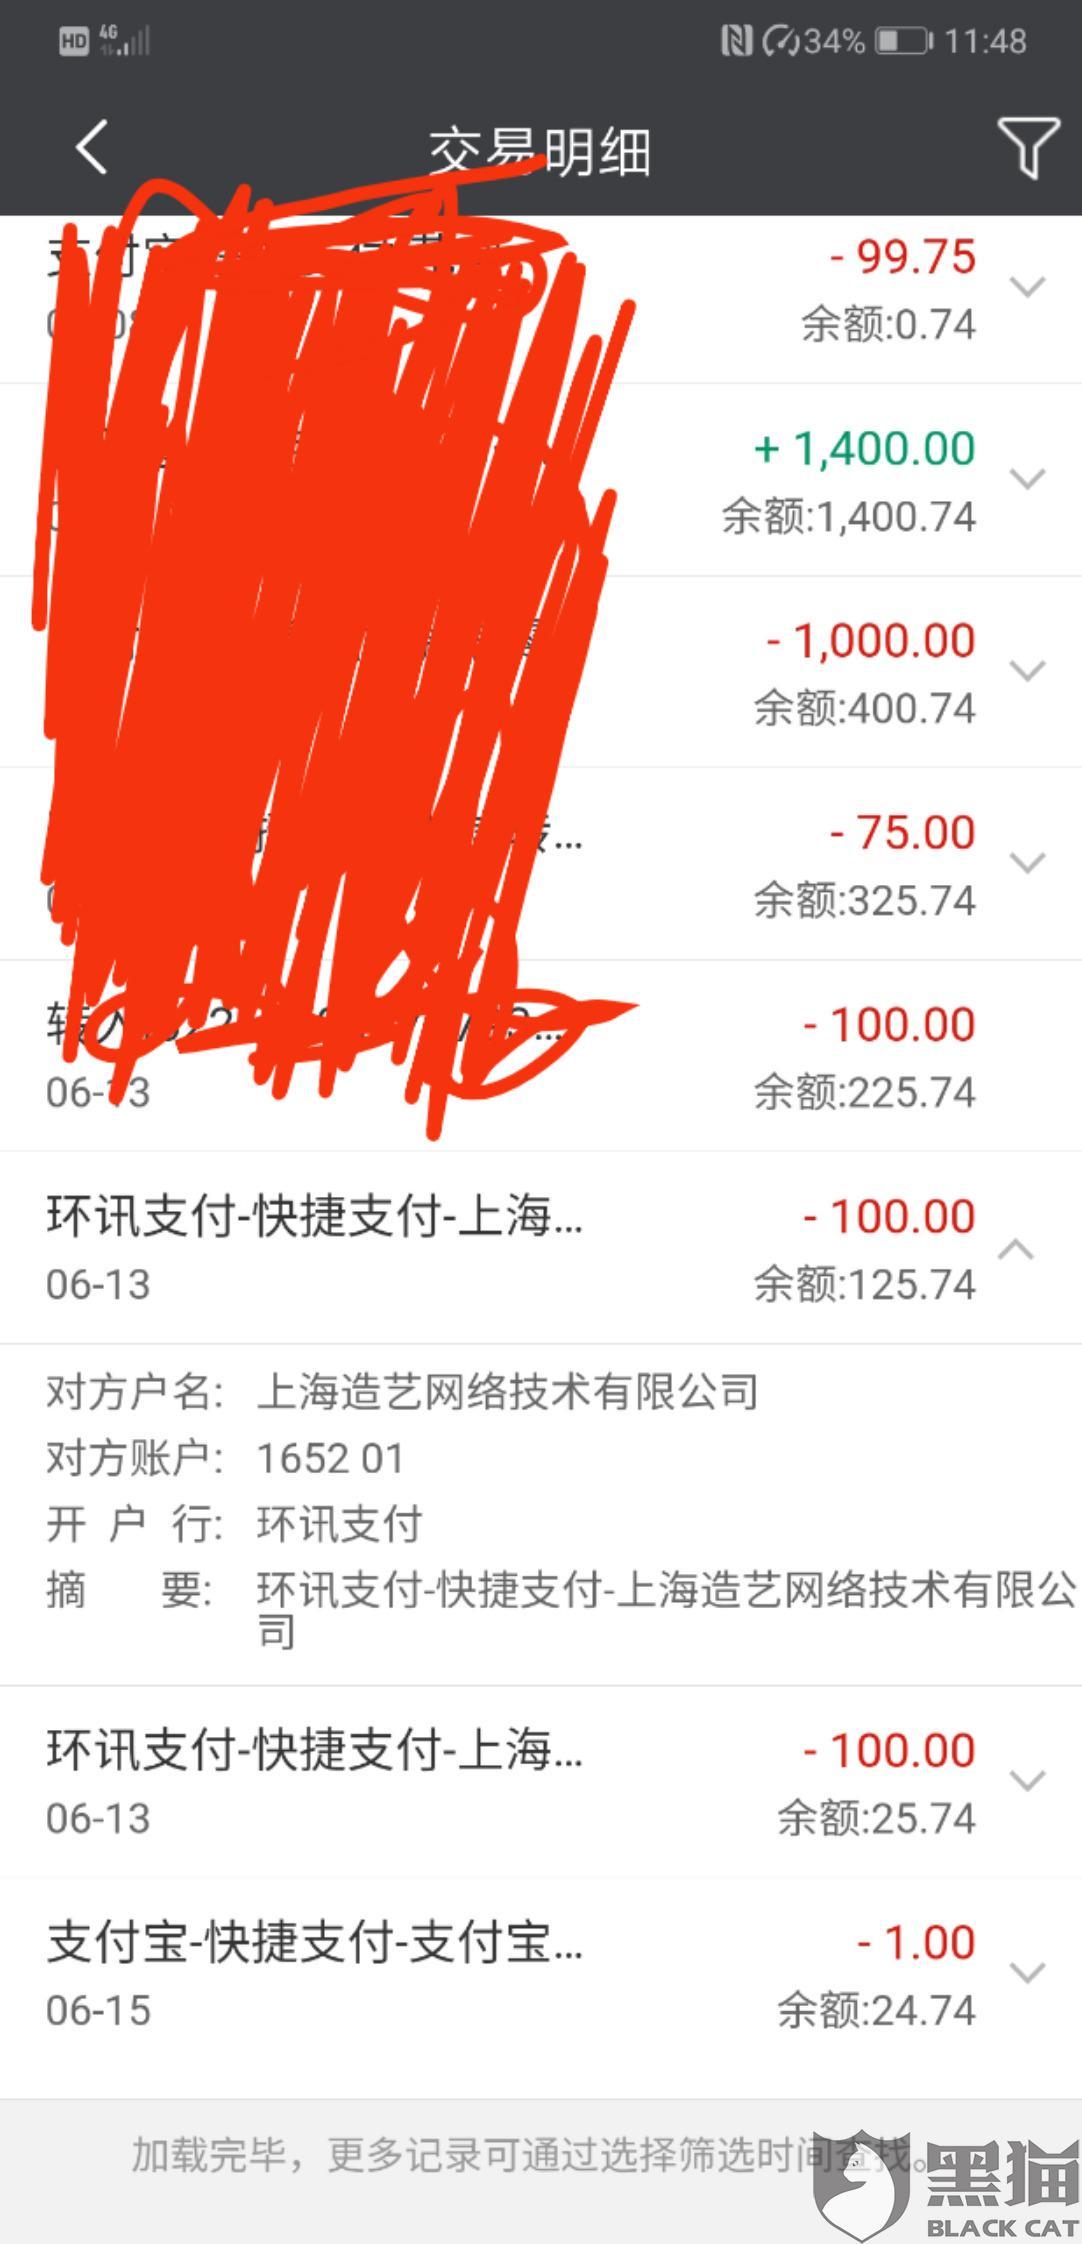 黑猫投诉:上海造艺网络技术有限公司